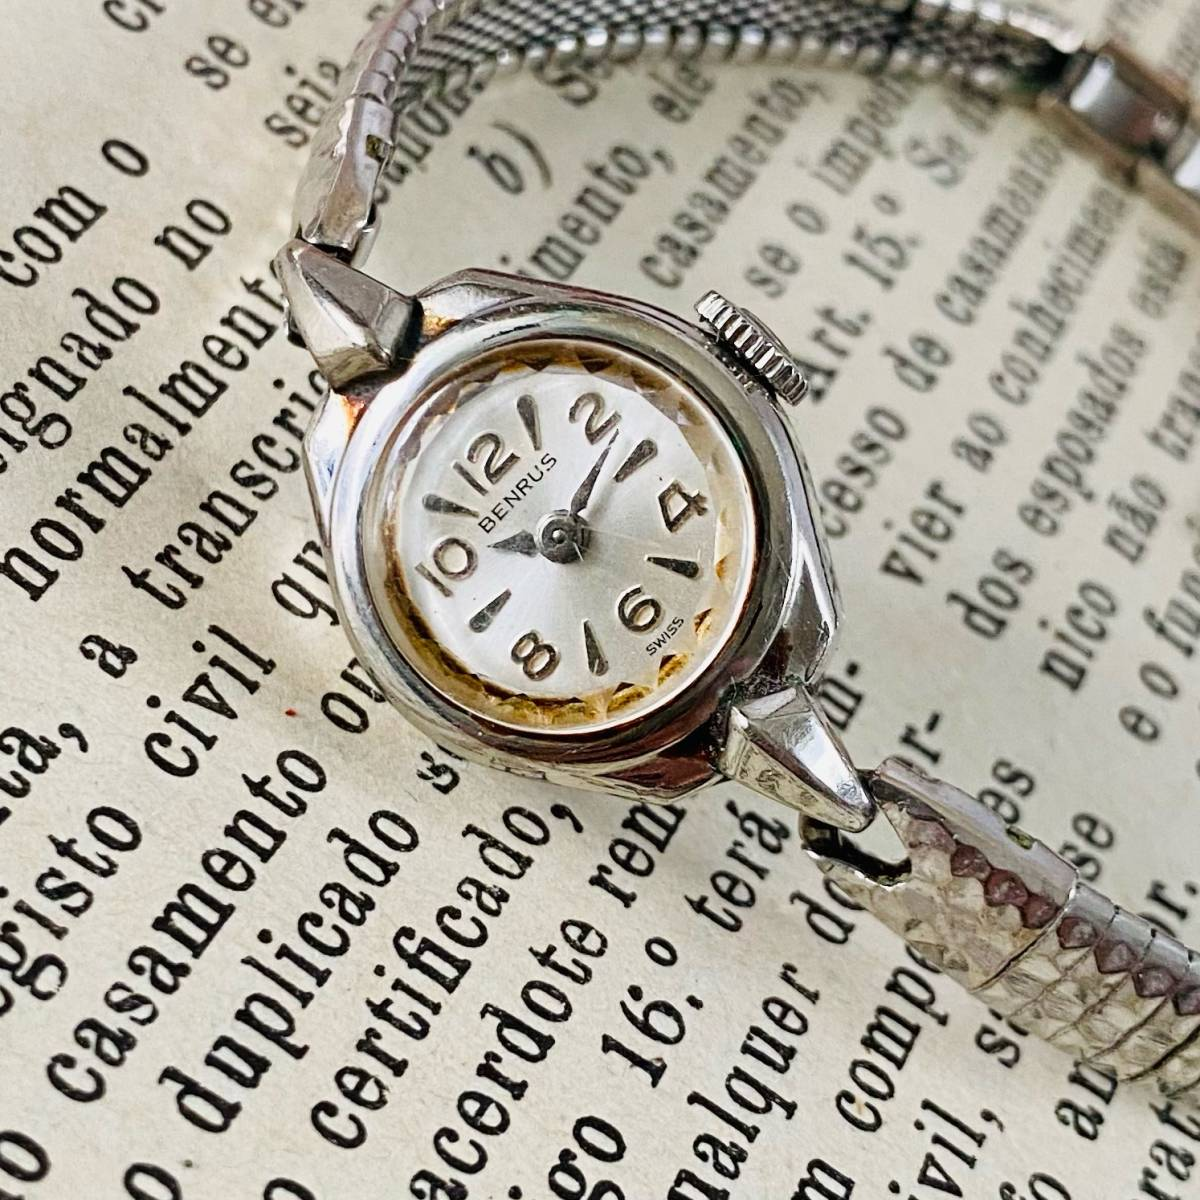 【高級腕時計 ベンラス 】Benrus 10KRGP 手巻き 17石 手巻き メンズ レディース ビンテージ アナログ 腕時計 7026_画像5